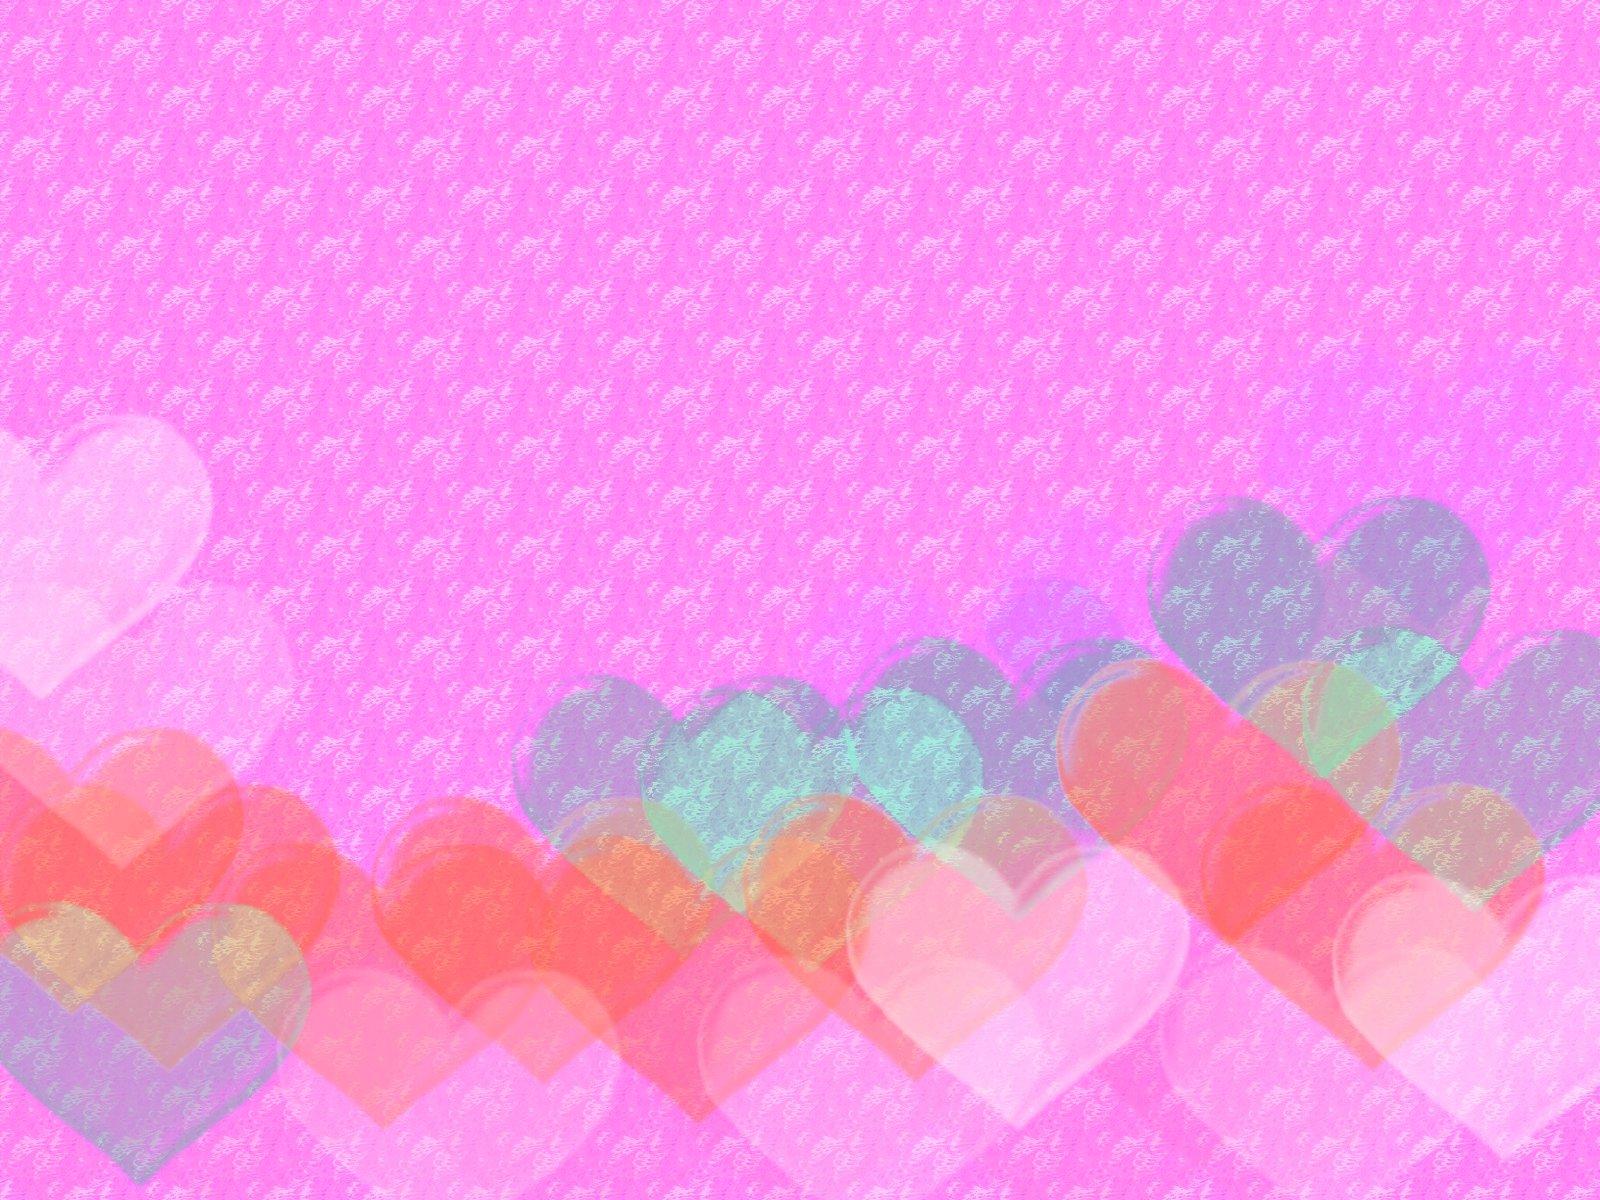 Hd Android Wallpapers 3d Fondos Con Corazones Para Hacer Tus Wallpapers De Amor